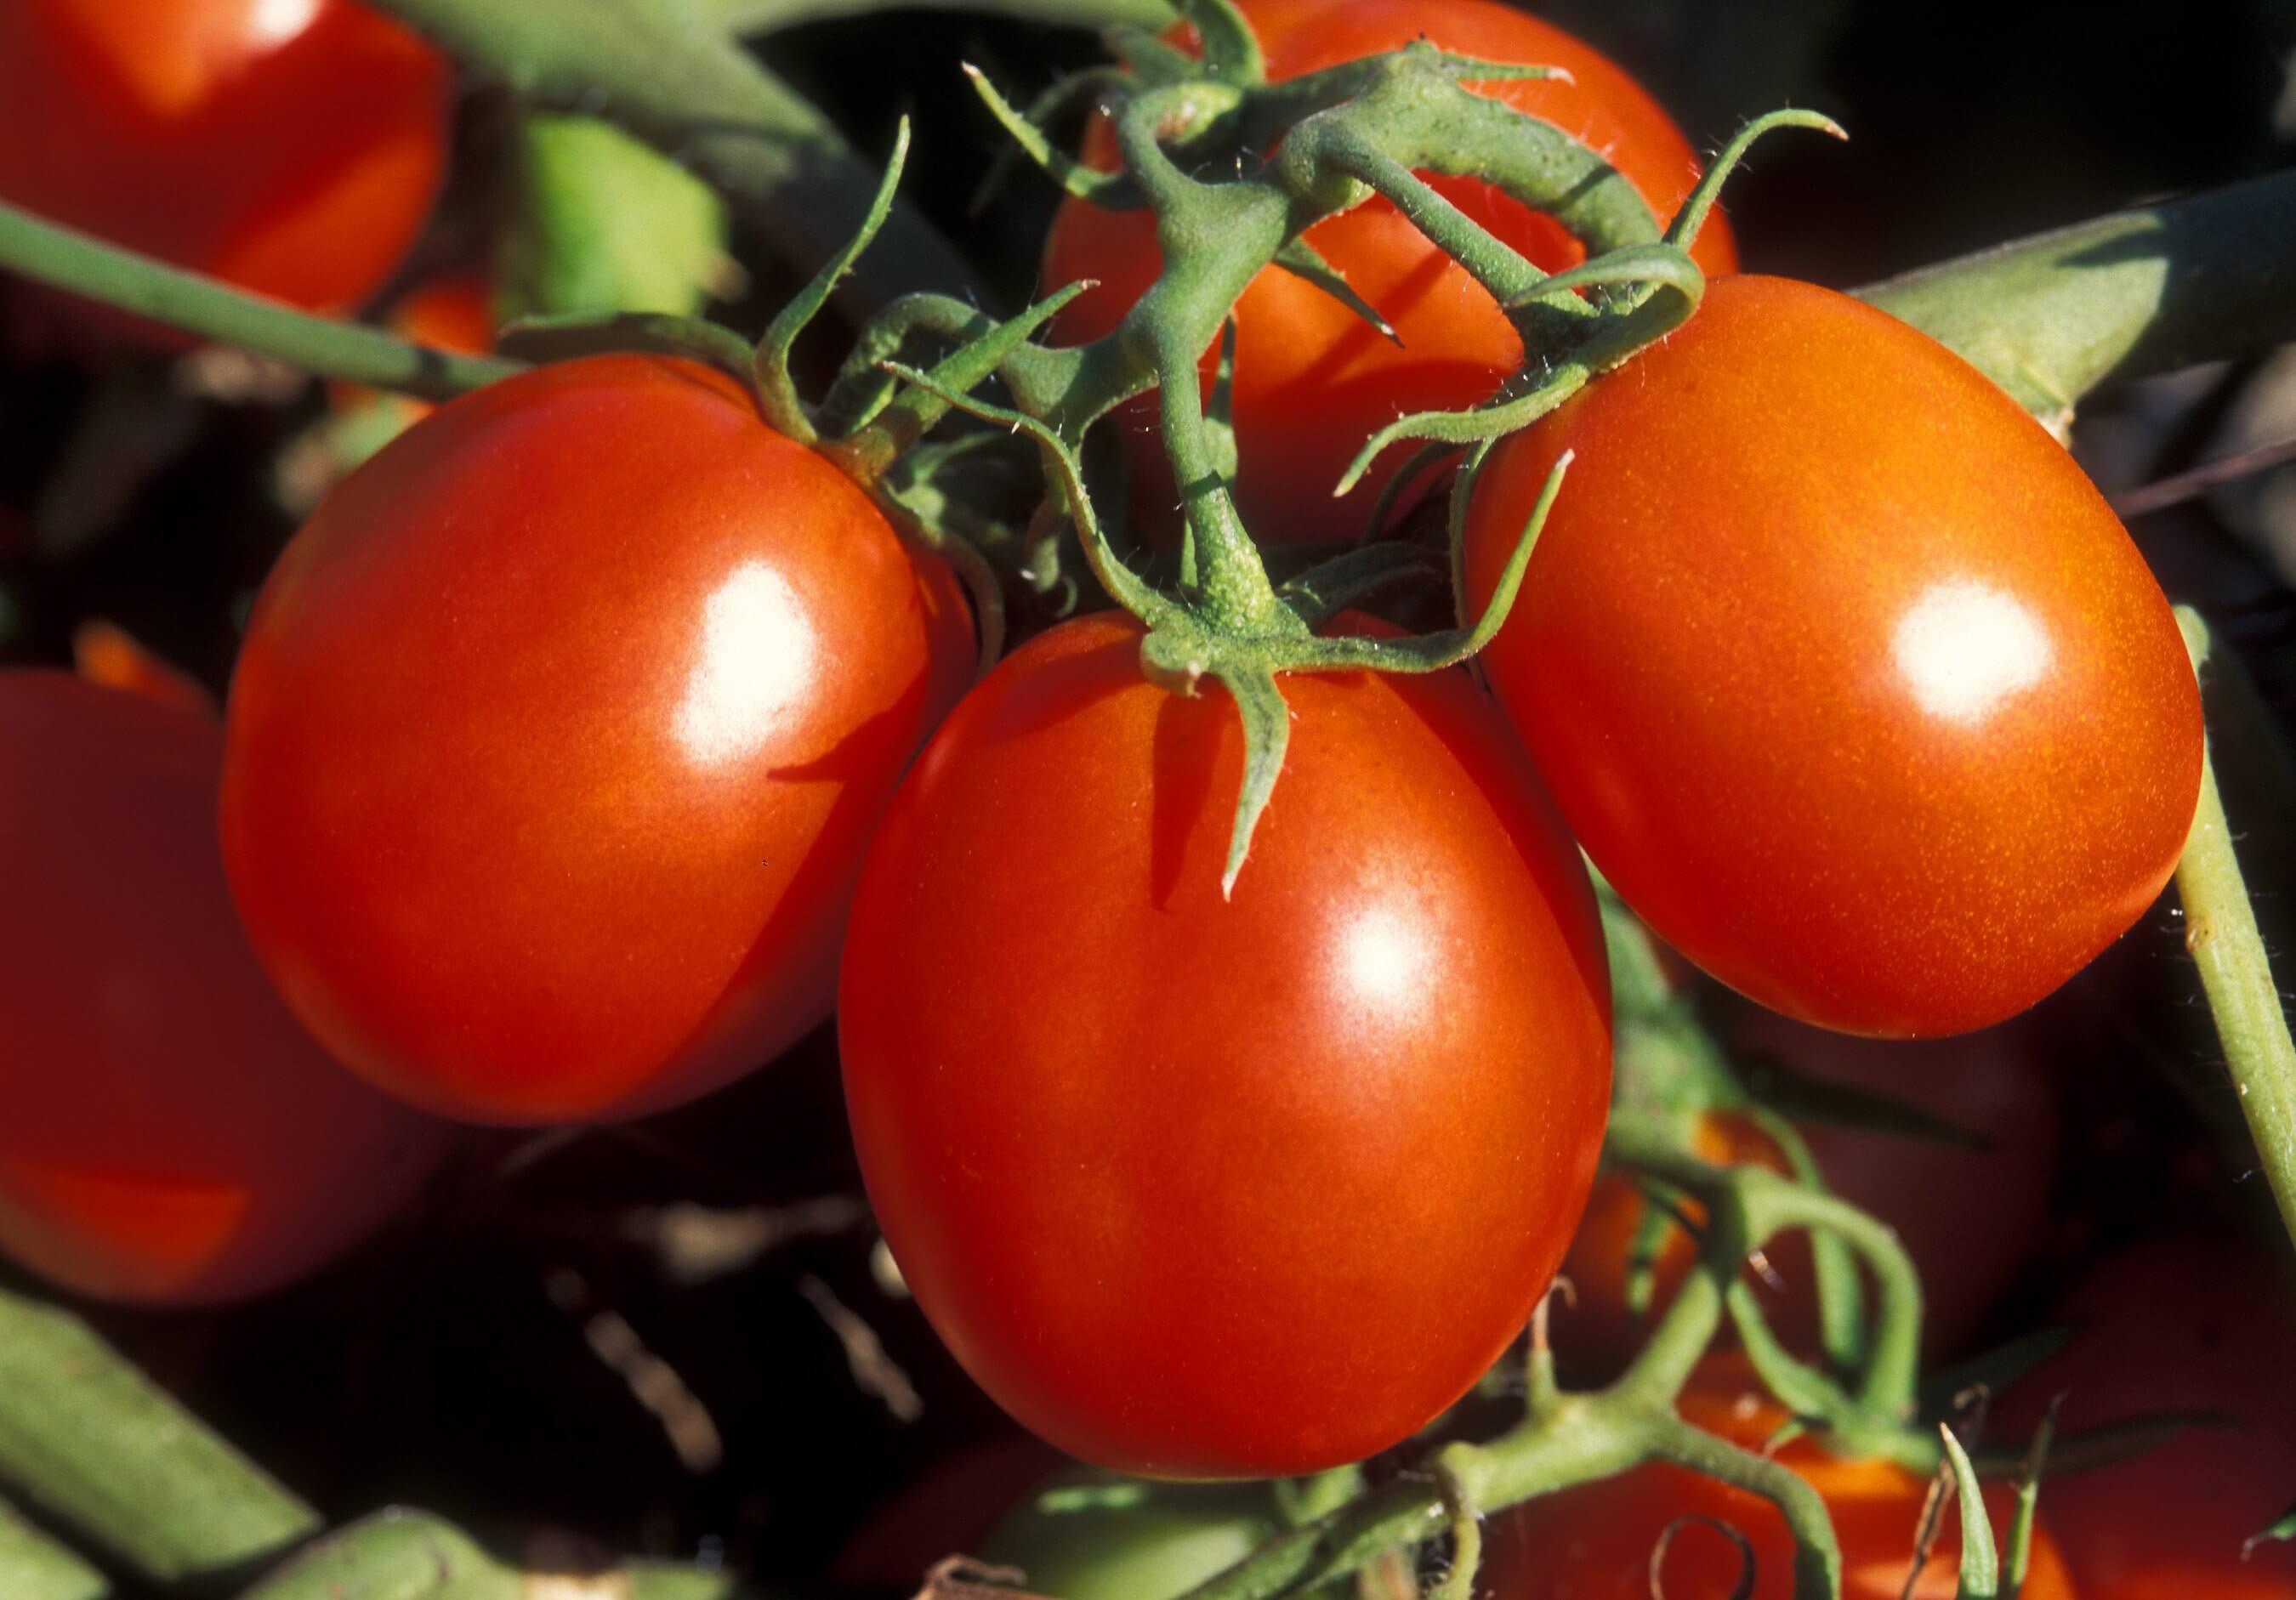 Томат «Персик»: характеристика, описание и отличительная особенность сорта